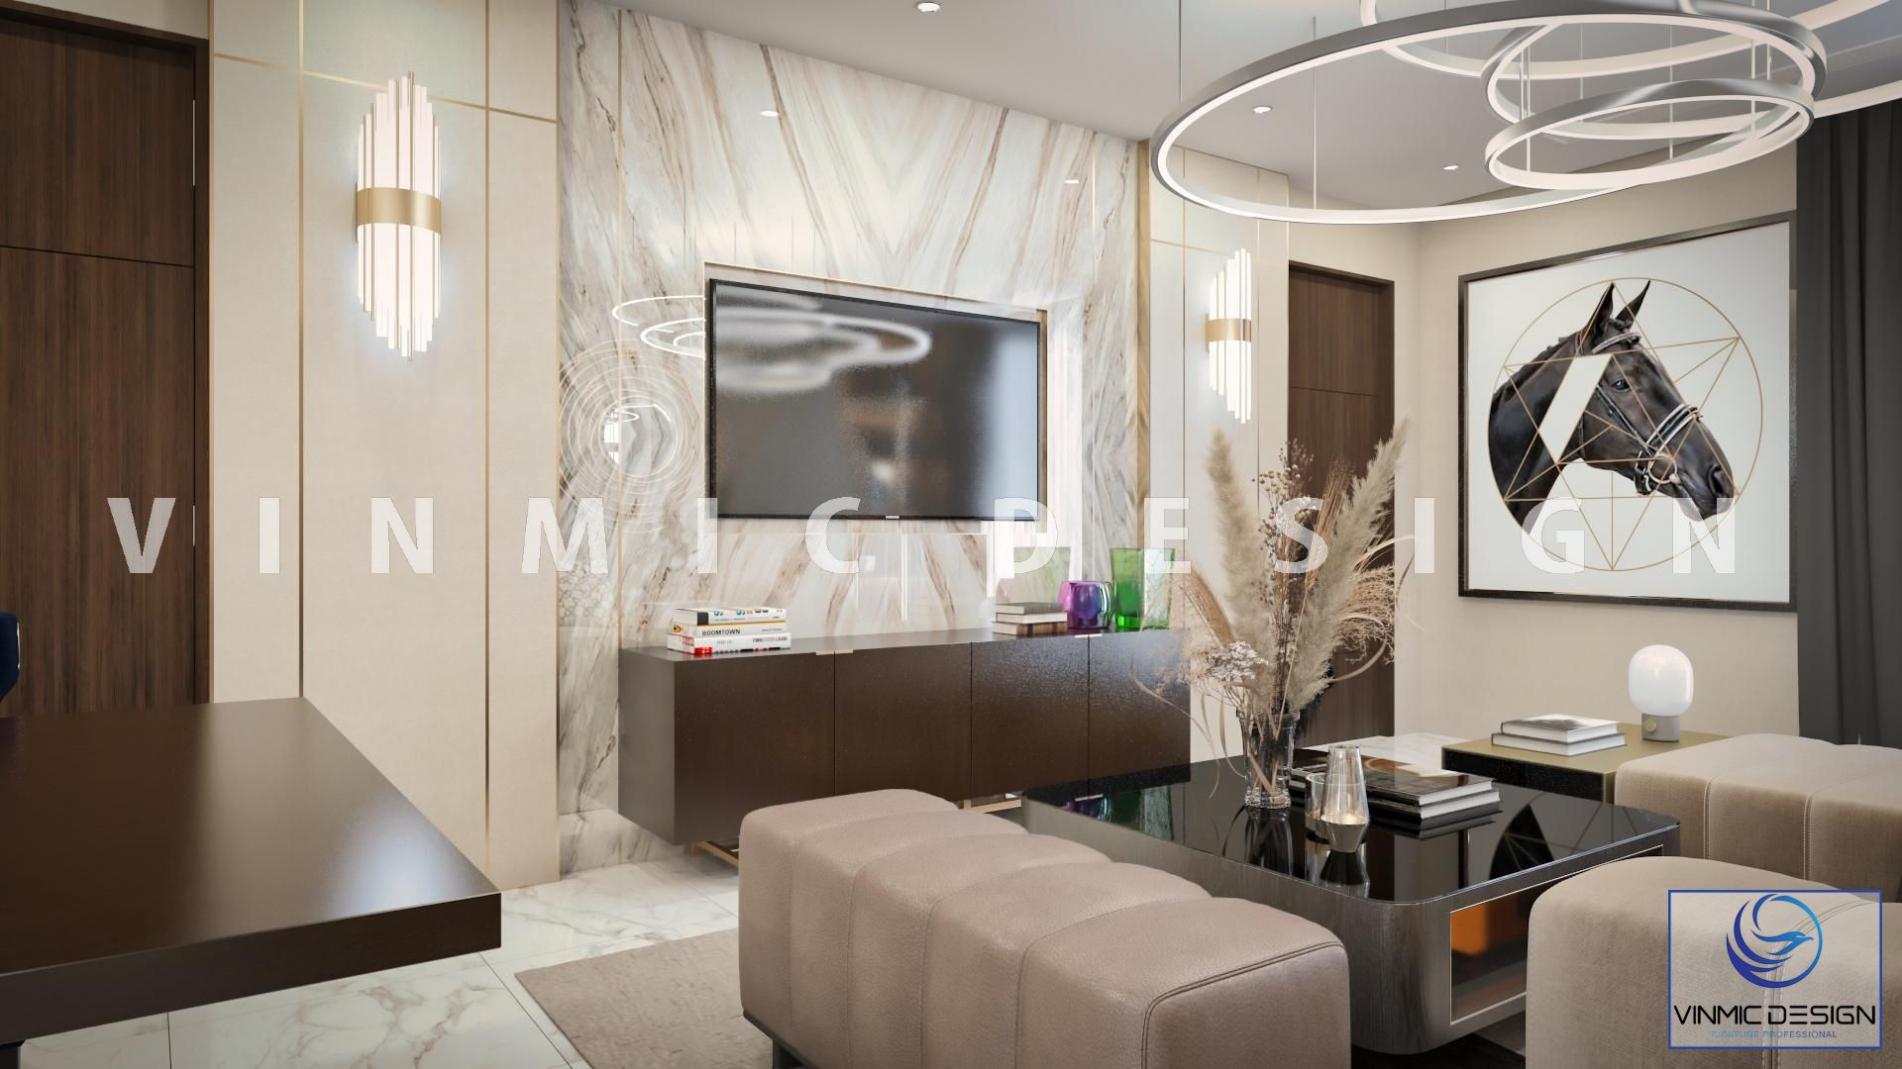 Thiết kế kệ tivi gỗ công nghiệp MDF lõi xanh chống ẩm đơn giản hài hòa cùng đồ nội thất đẹp